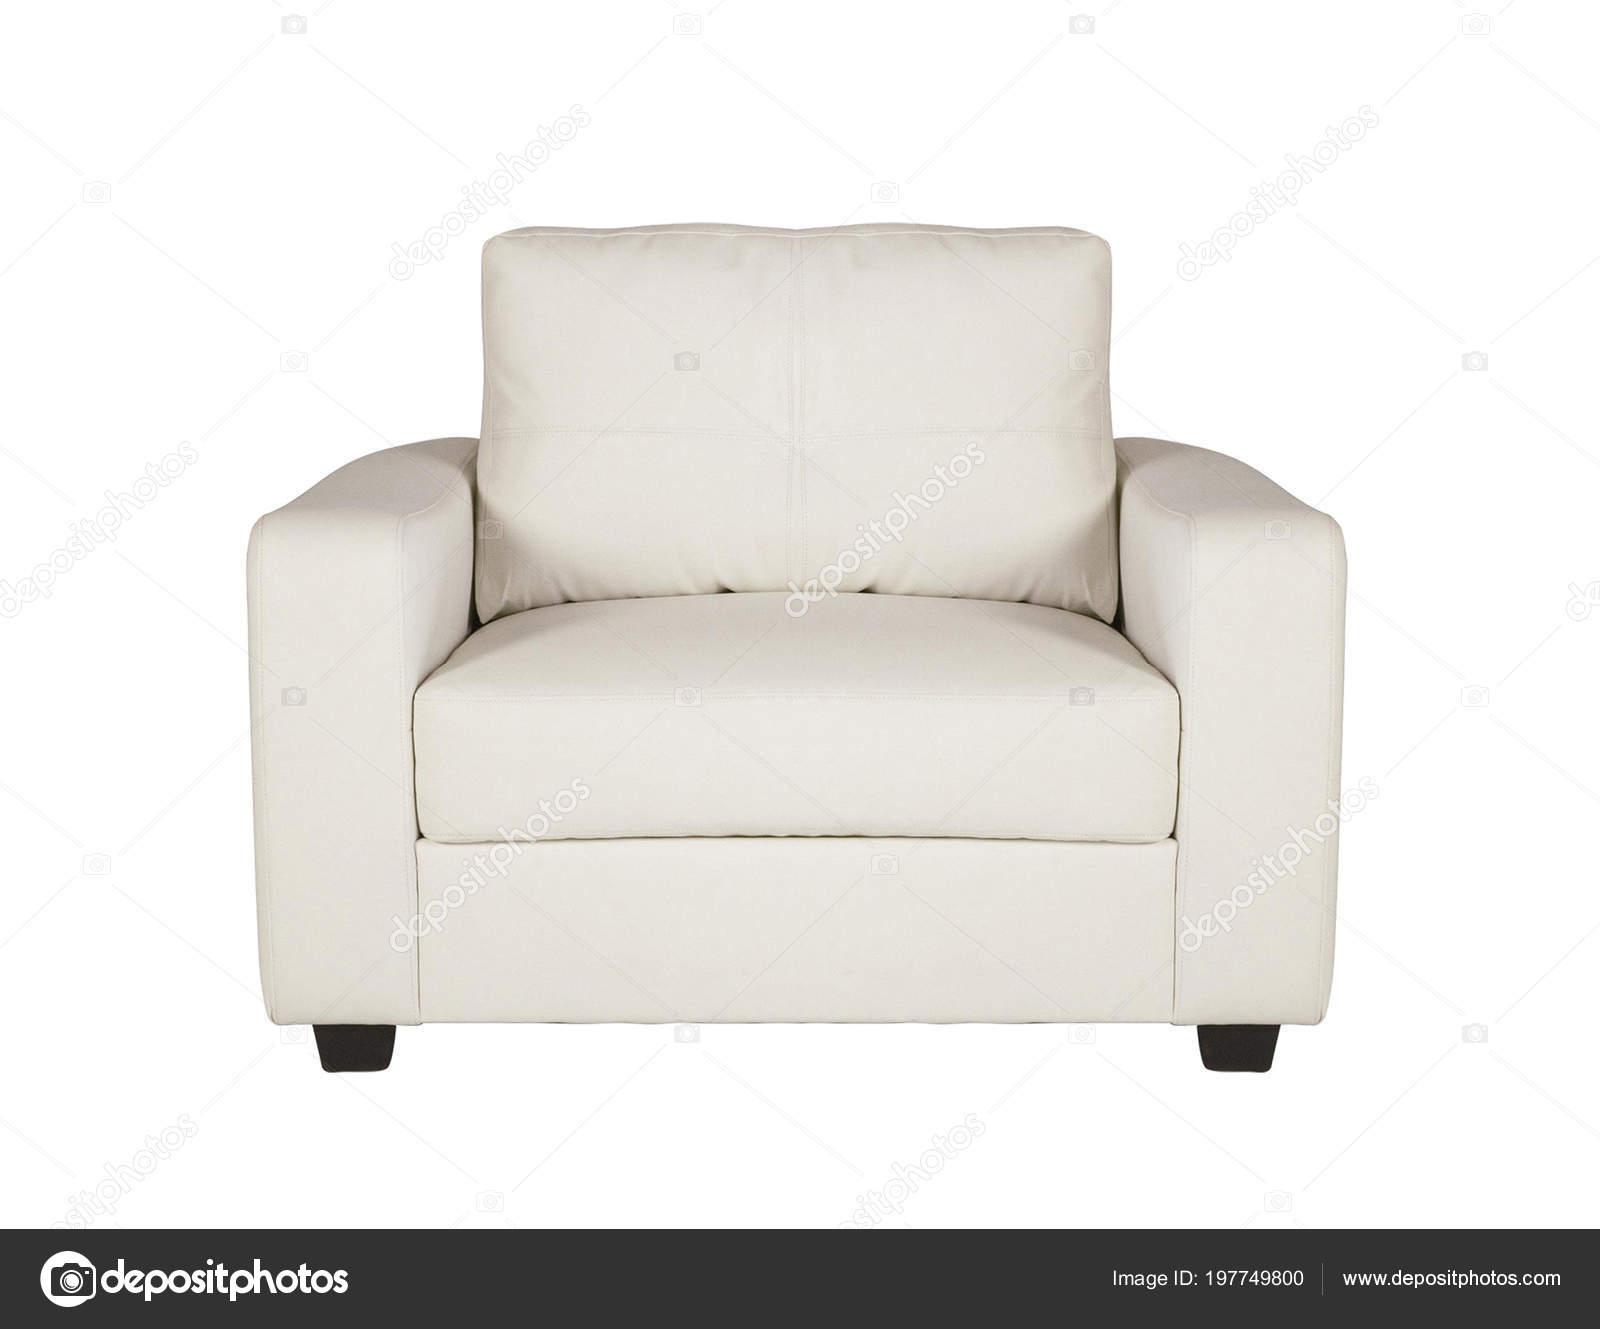 Een schot van studio van een witte lederen fauteuil geïsoleerd